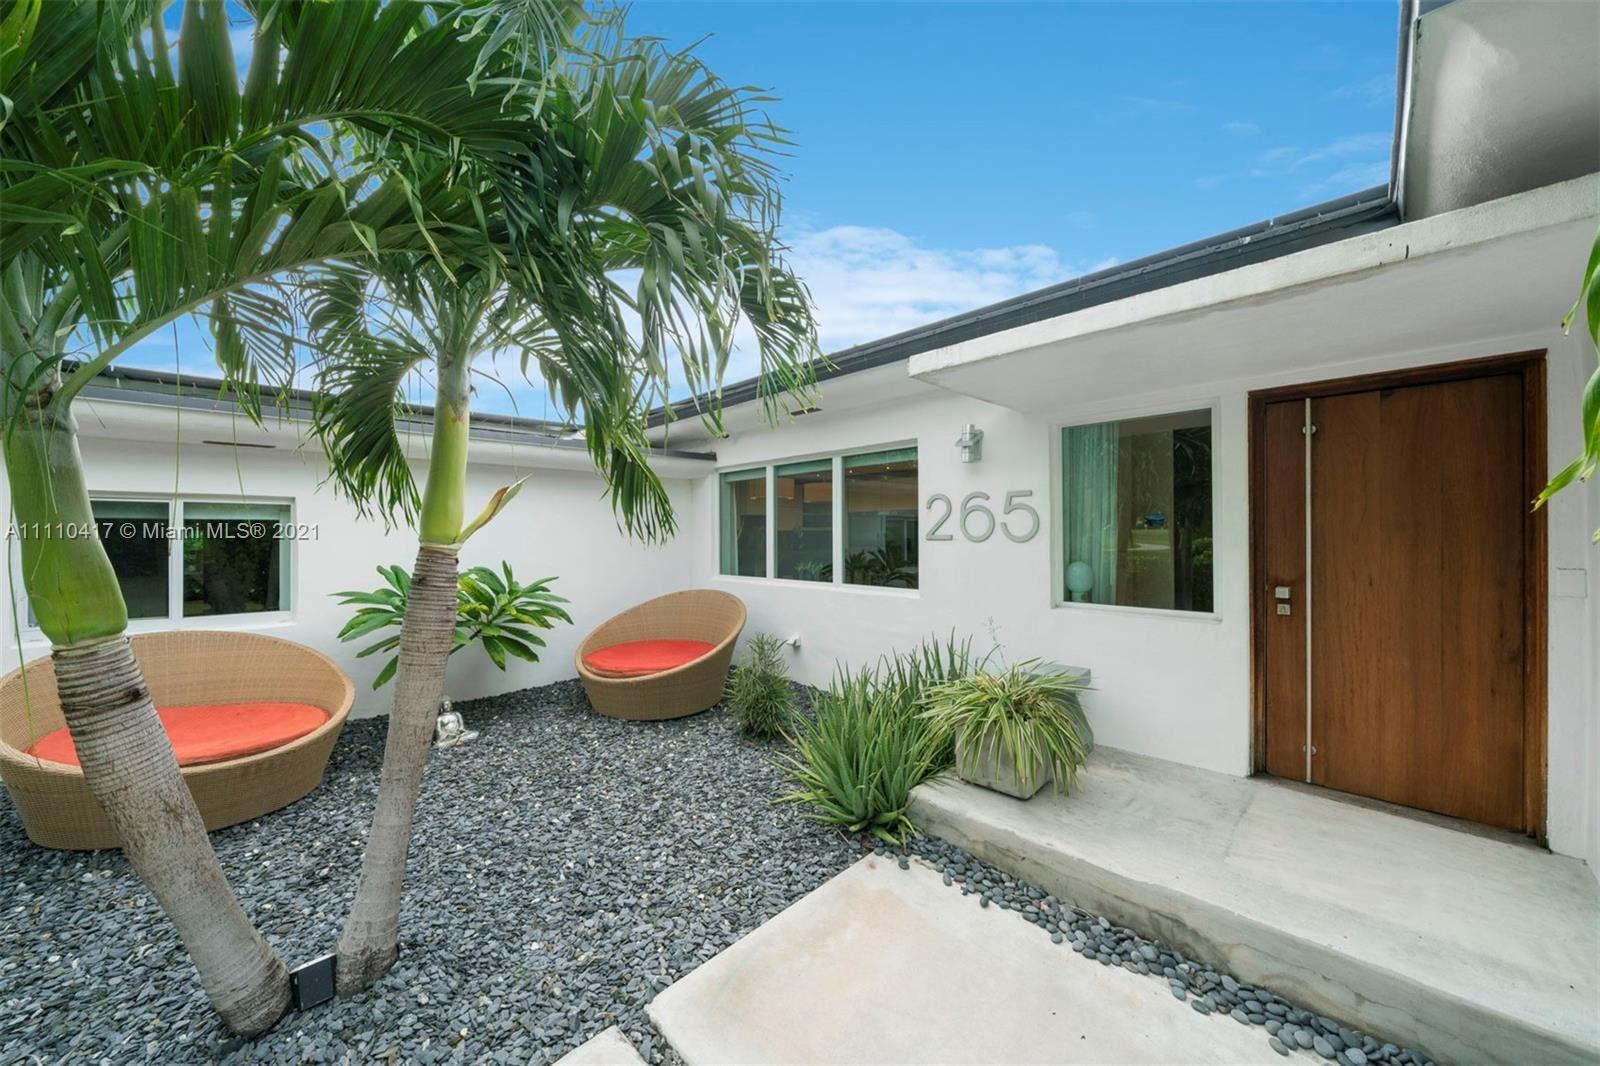 Photo of 265 Fairway Dr, Miami Beach, FL 33141 (MLS # A11110417)